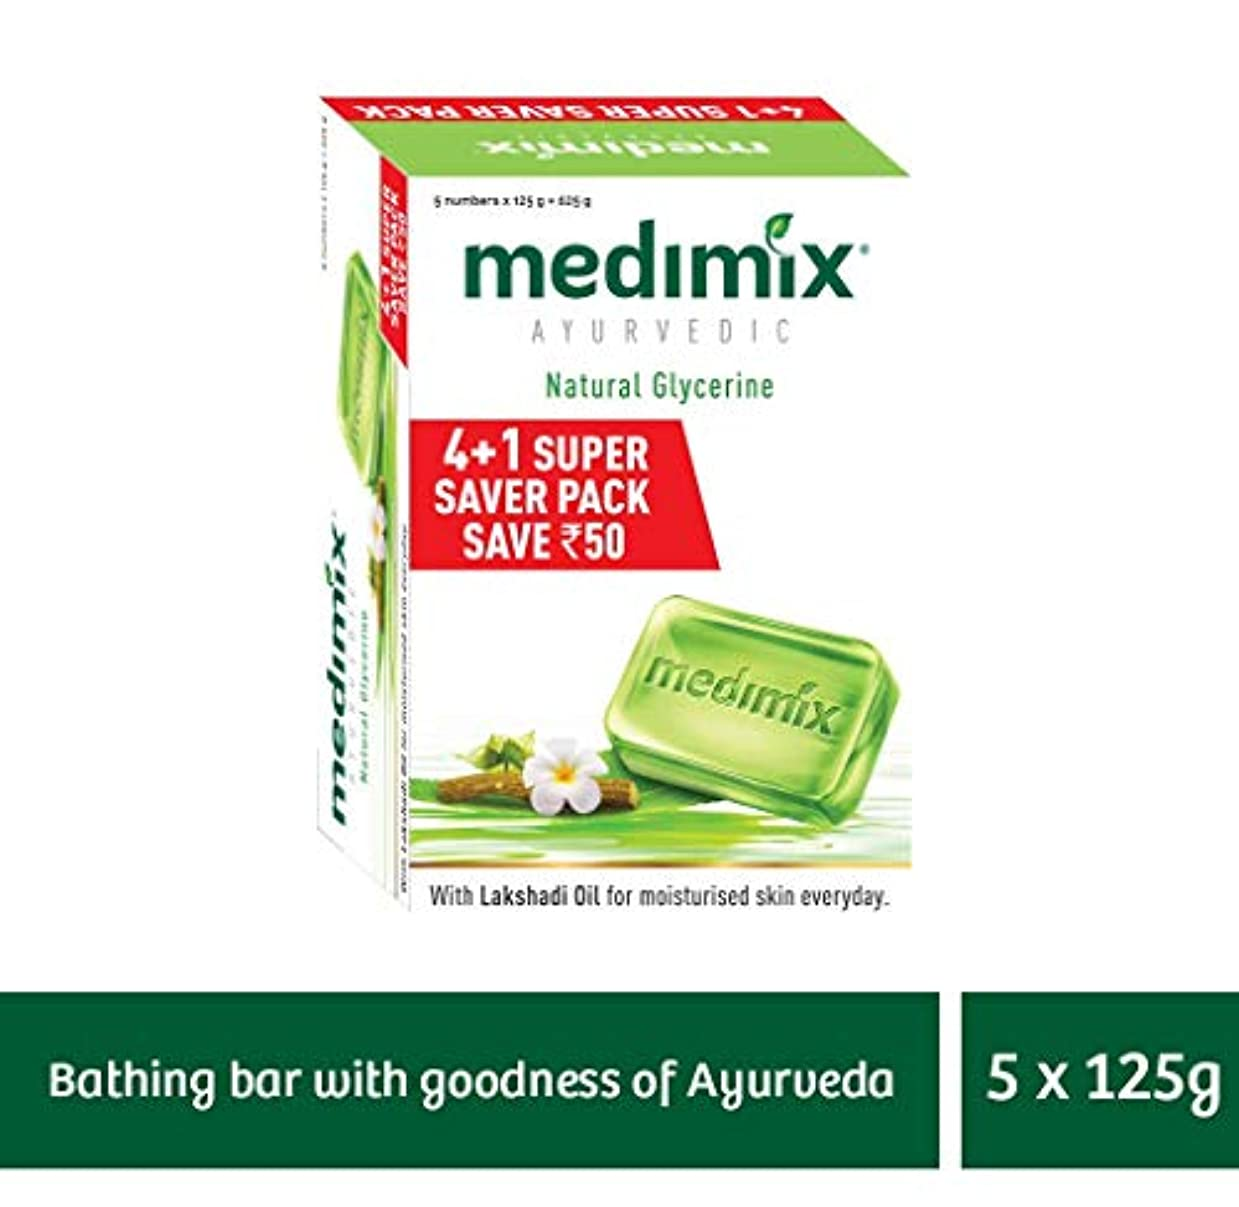 寝具偽モードMedimix Ayurvedic Glycerine Soap, 125g (4+1 Super Saver Pack)